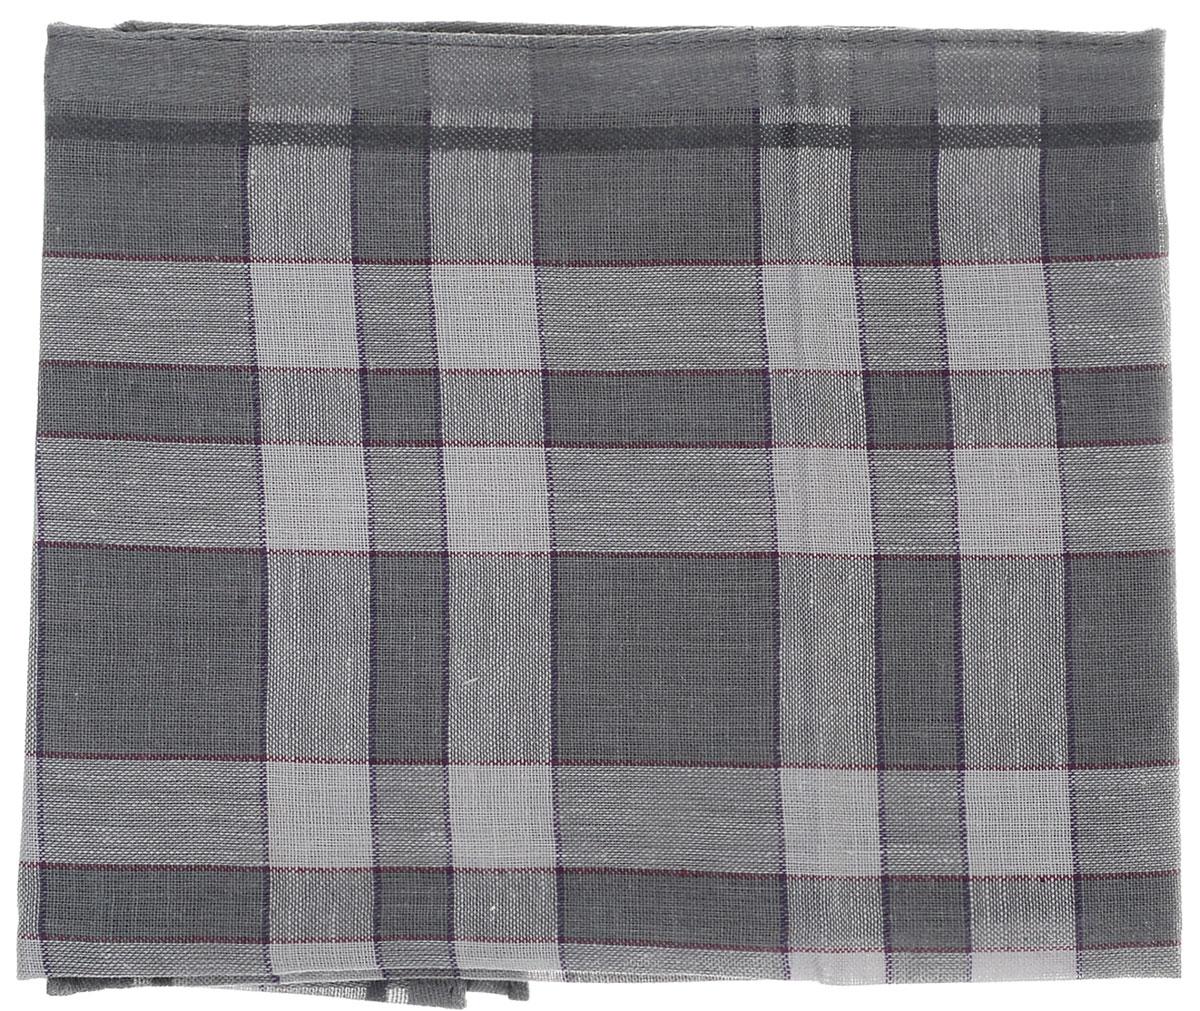 Платок носовой мужской Zlata Korunka, цвет: серый, светло-серый. 45495. Размер 37 см х 37 см45495_темно-серый, серыйМужской носовой платок Zlata Korunka, изготовленный из хлопка с добавлением полиэстера, приятен в использовании и хорошо стирается. Материал не садится и отлично впитывает влагу. Модель оформлена оригинальным принтом.